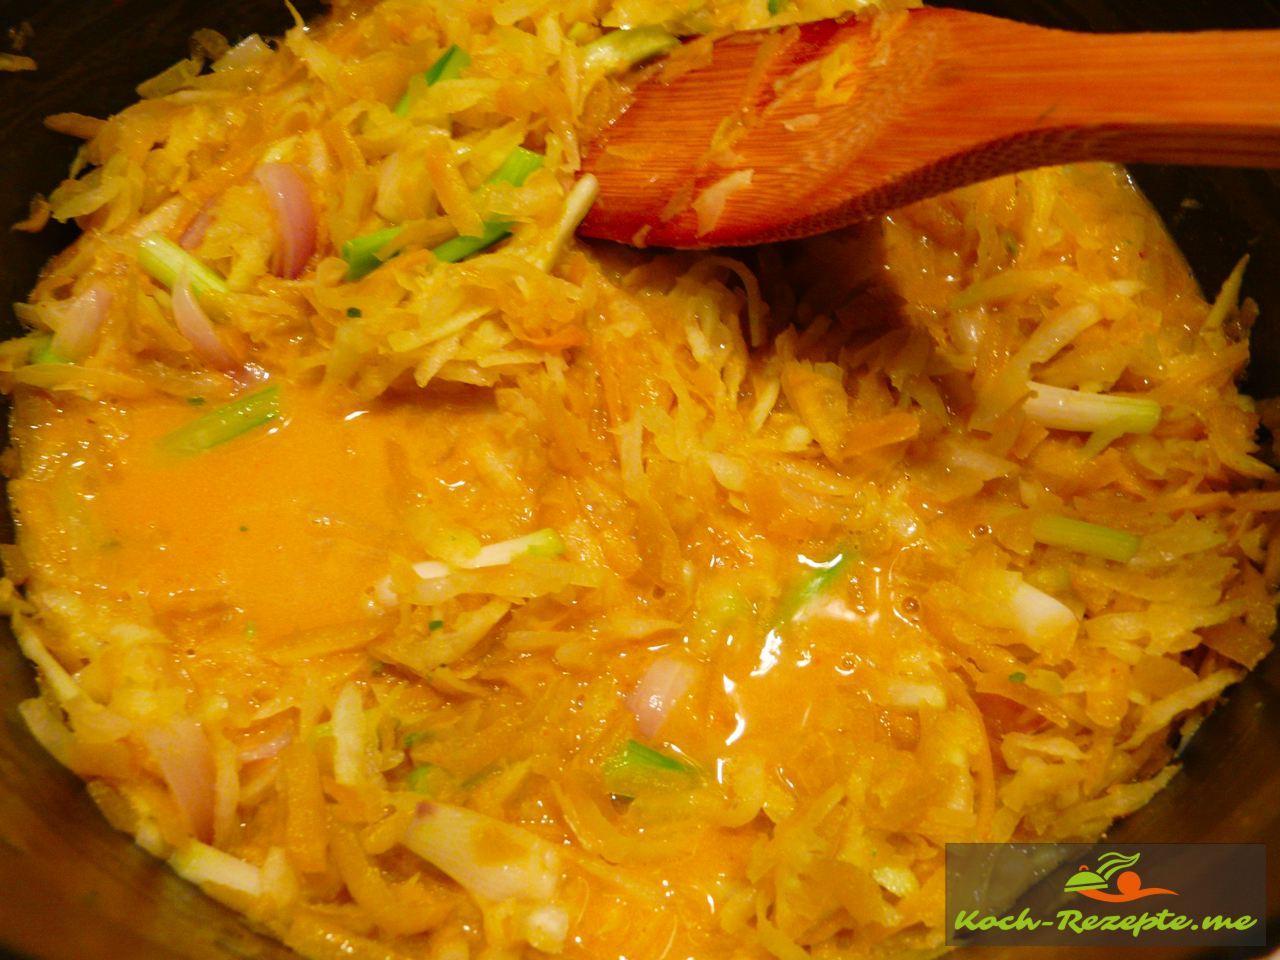 Thai Rezept Gemüse Nudeln Garnelen, Brühe unterrühren und aufkochen dann klein Hitze für 5 Minuten  stellen